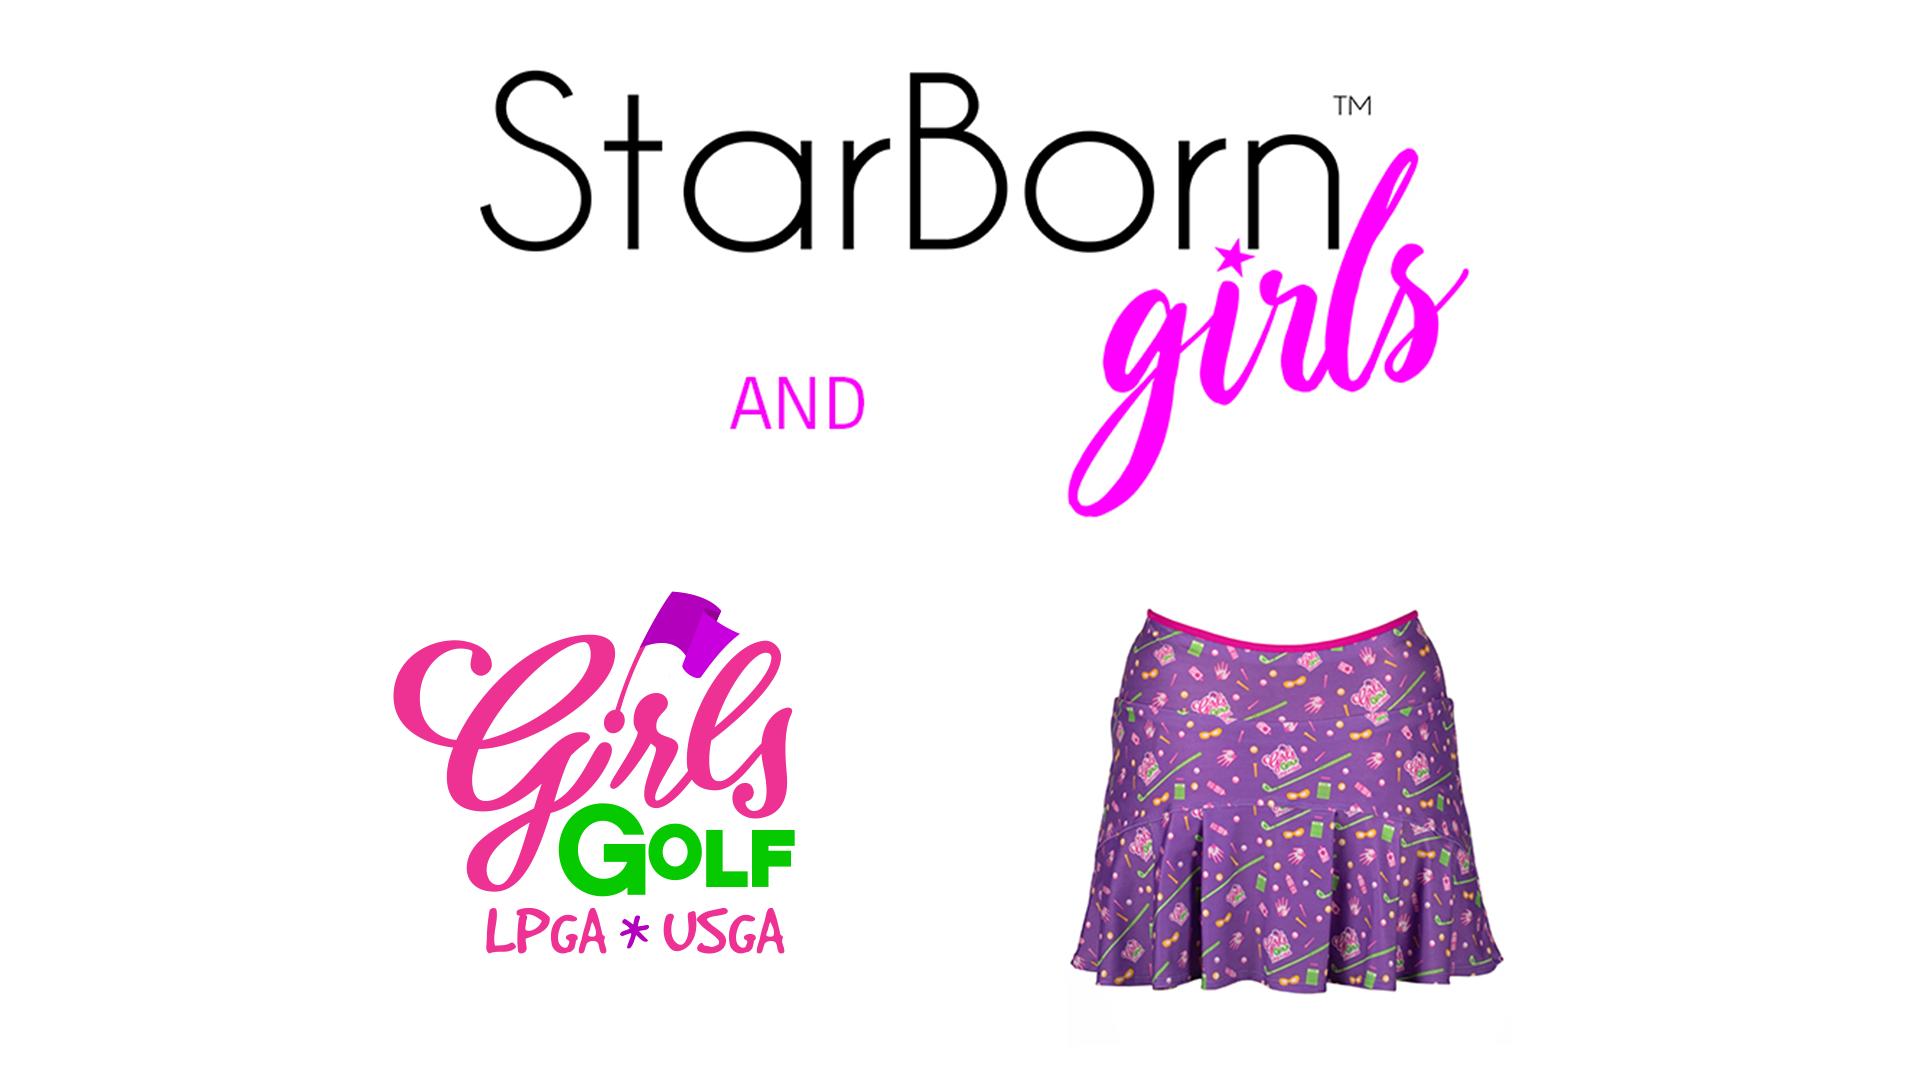 StarBorn Skirts logo